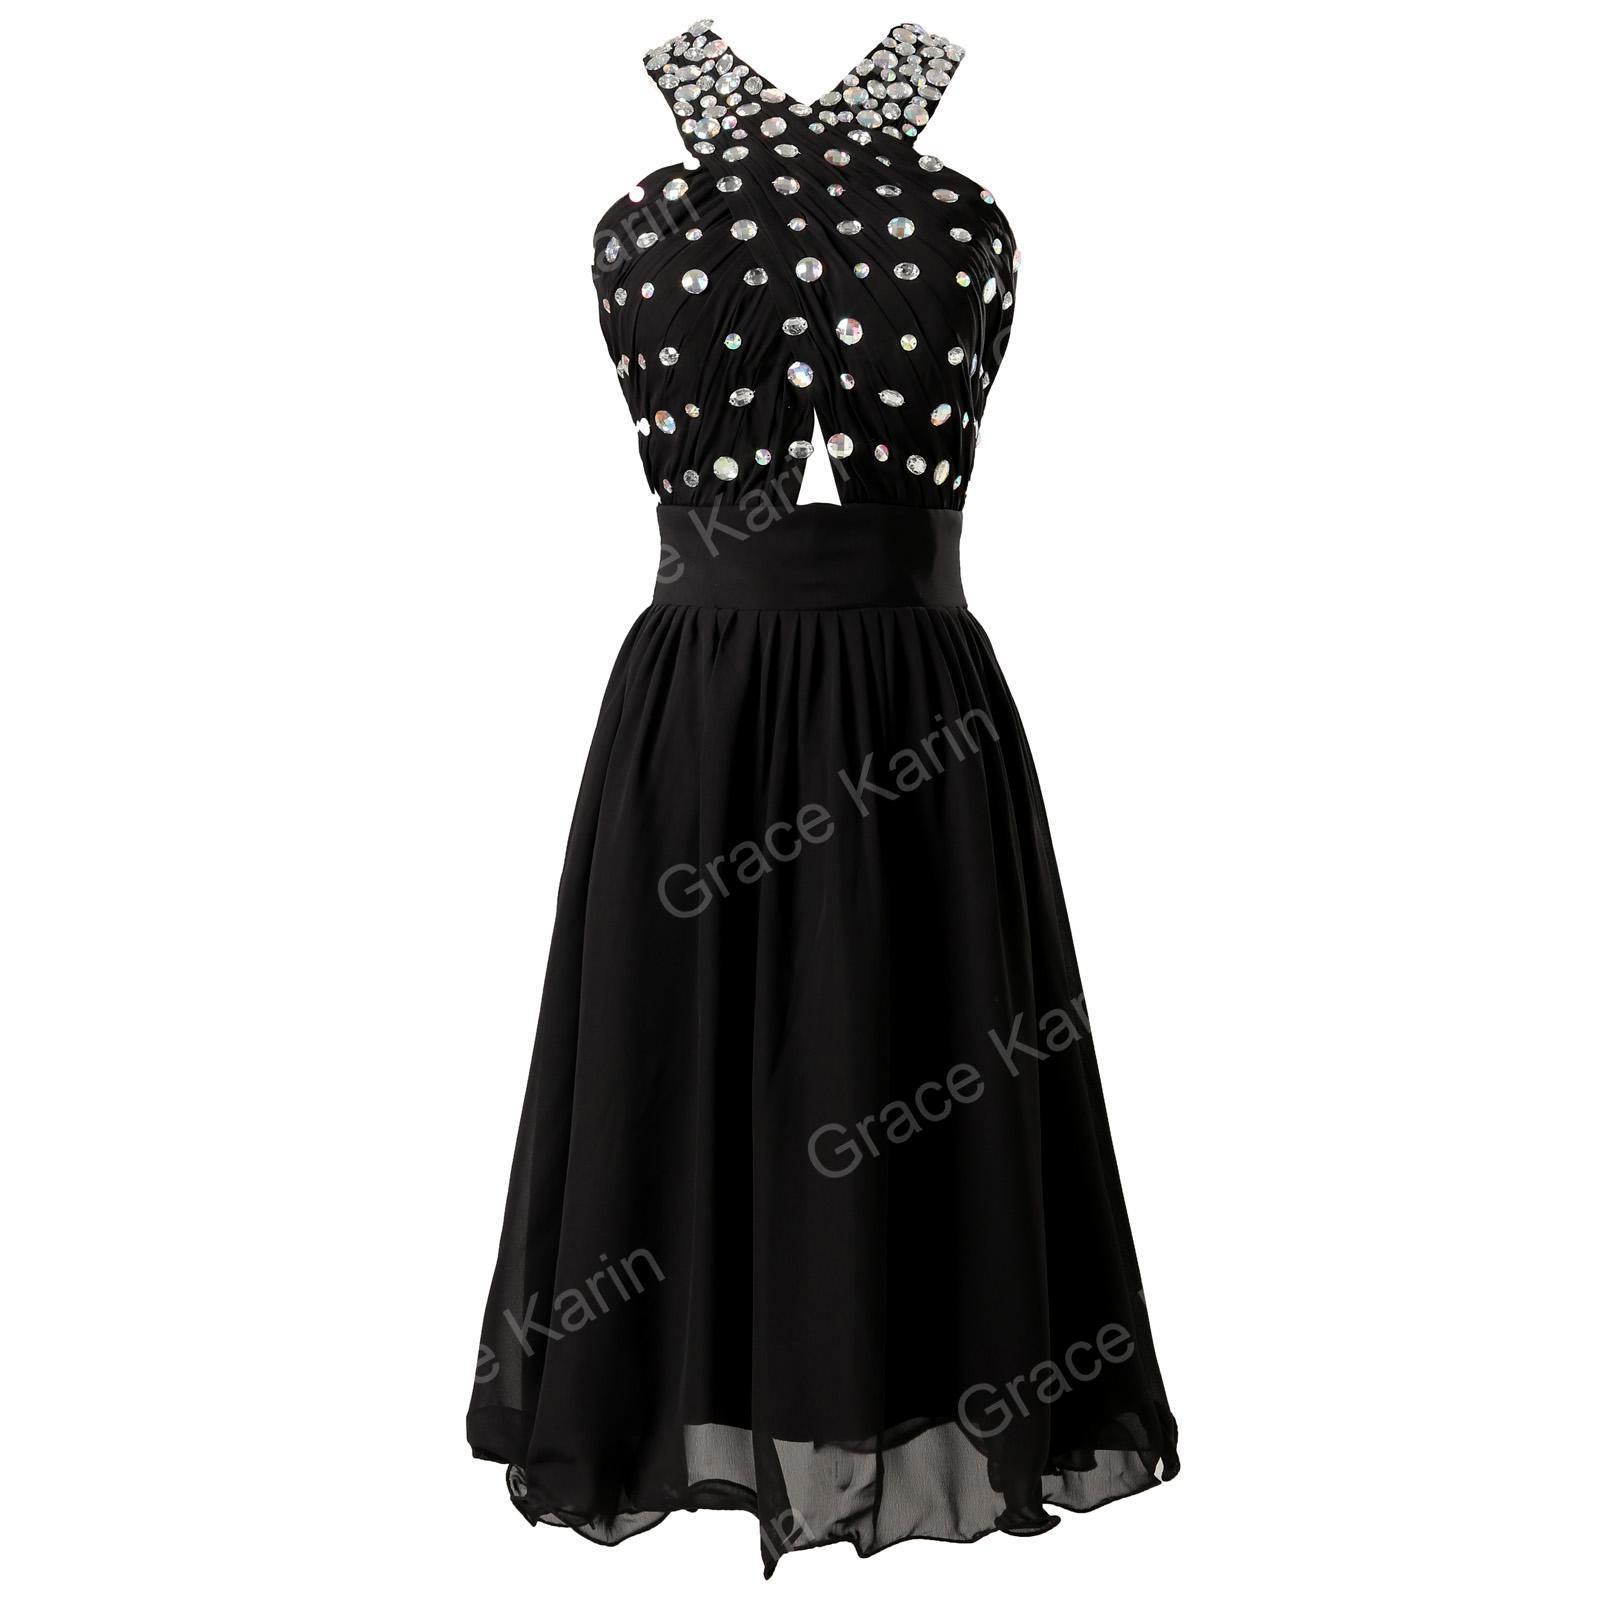 Luxusní společenské ŠATY GK GRACE KARIN CL6018 černá S 36 28fe013a00